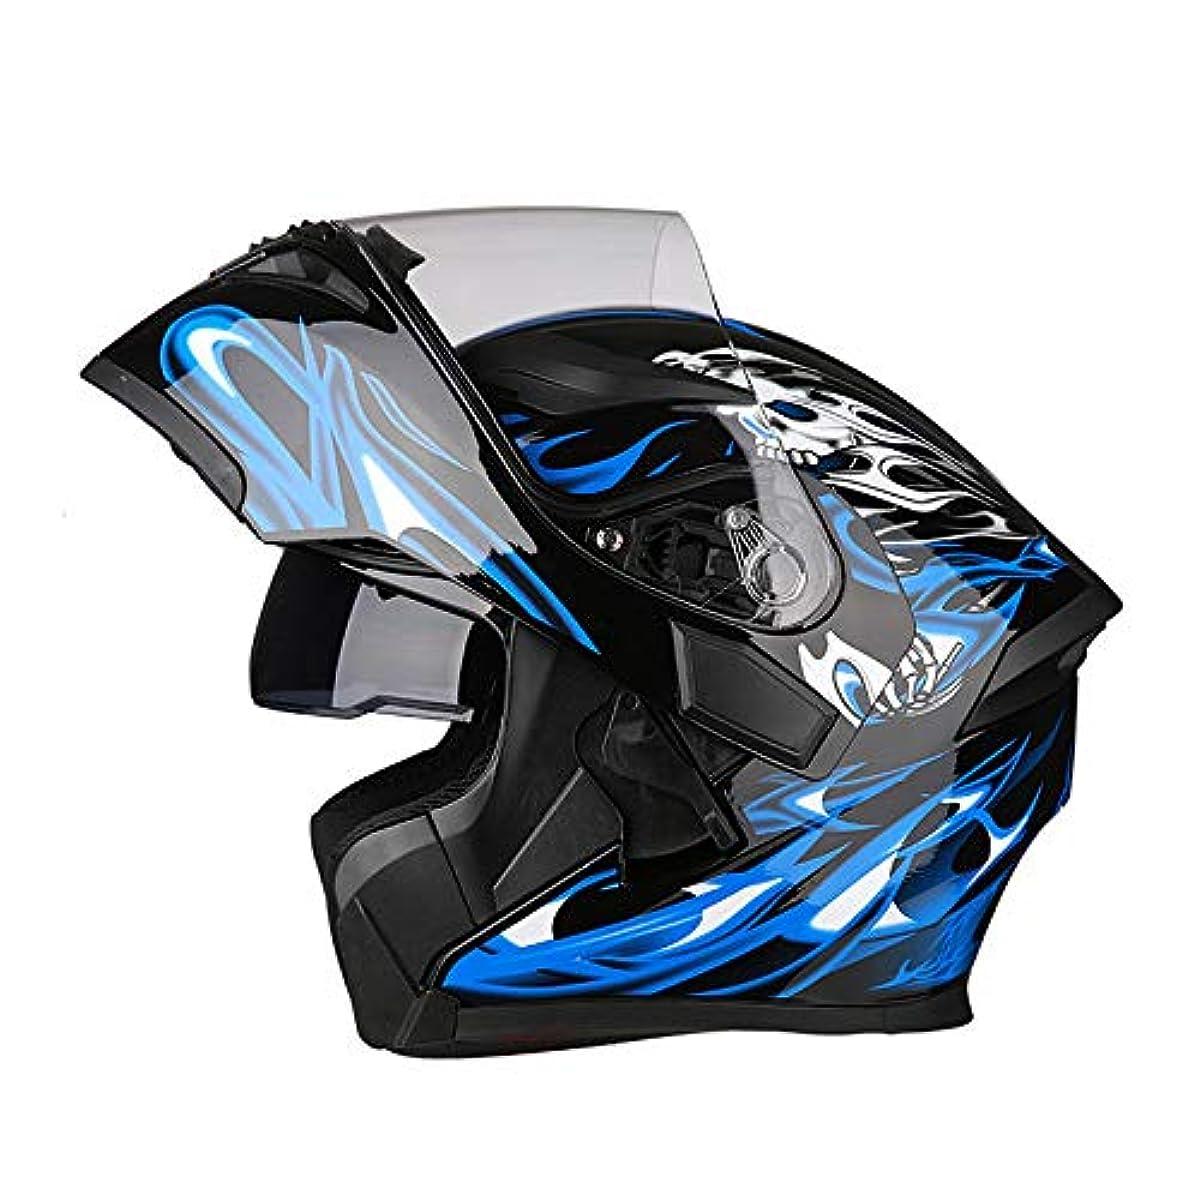 [해외] 시스템 헬멧 flip 업 헬멧 오토바이 헬멧 다색인기 상품 PSC규격품 남녀 통용 풀 페이스 헬멧 더블 쉴드 AIS-805[상품011/M]